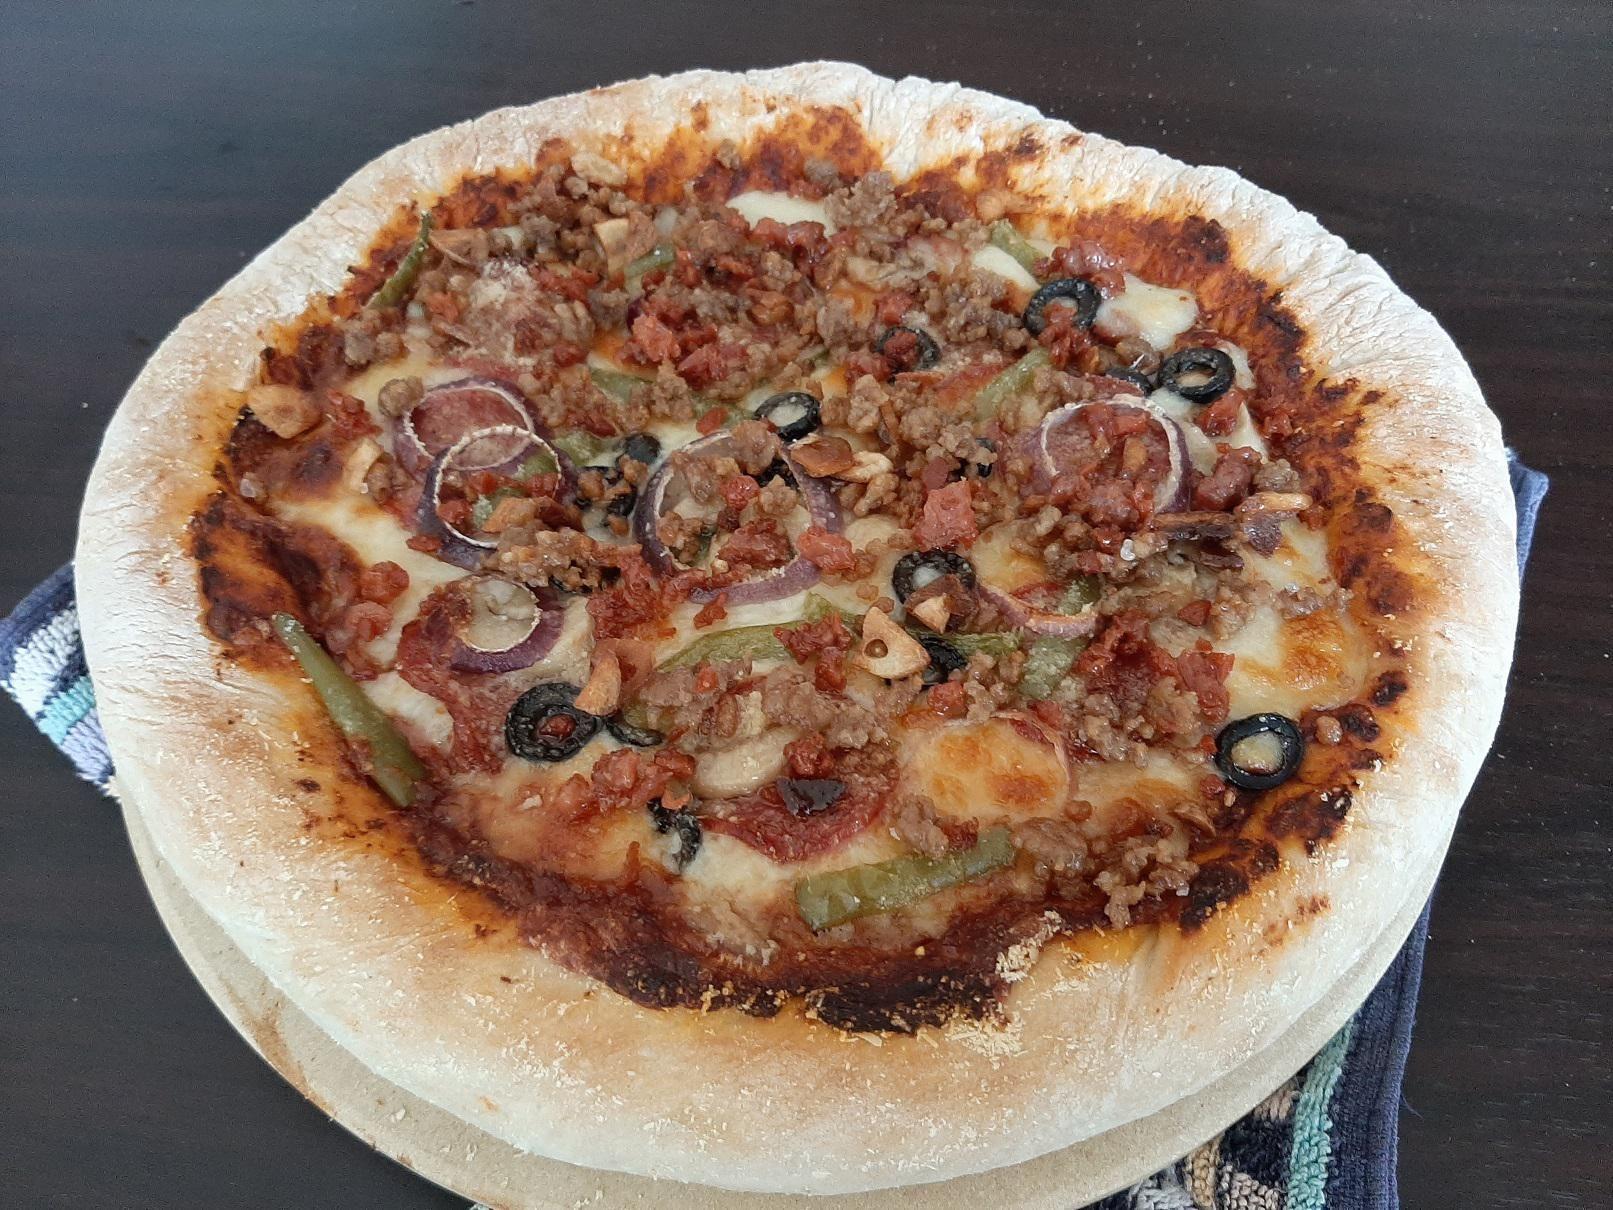 Tried making mozzarella stuffed-crust pizza